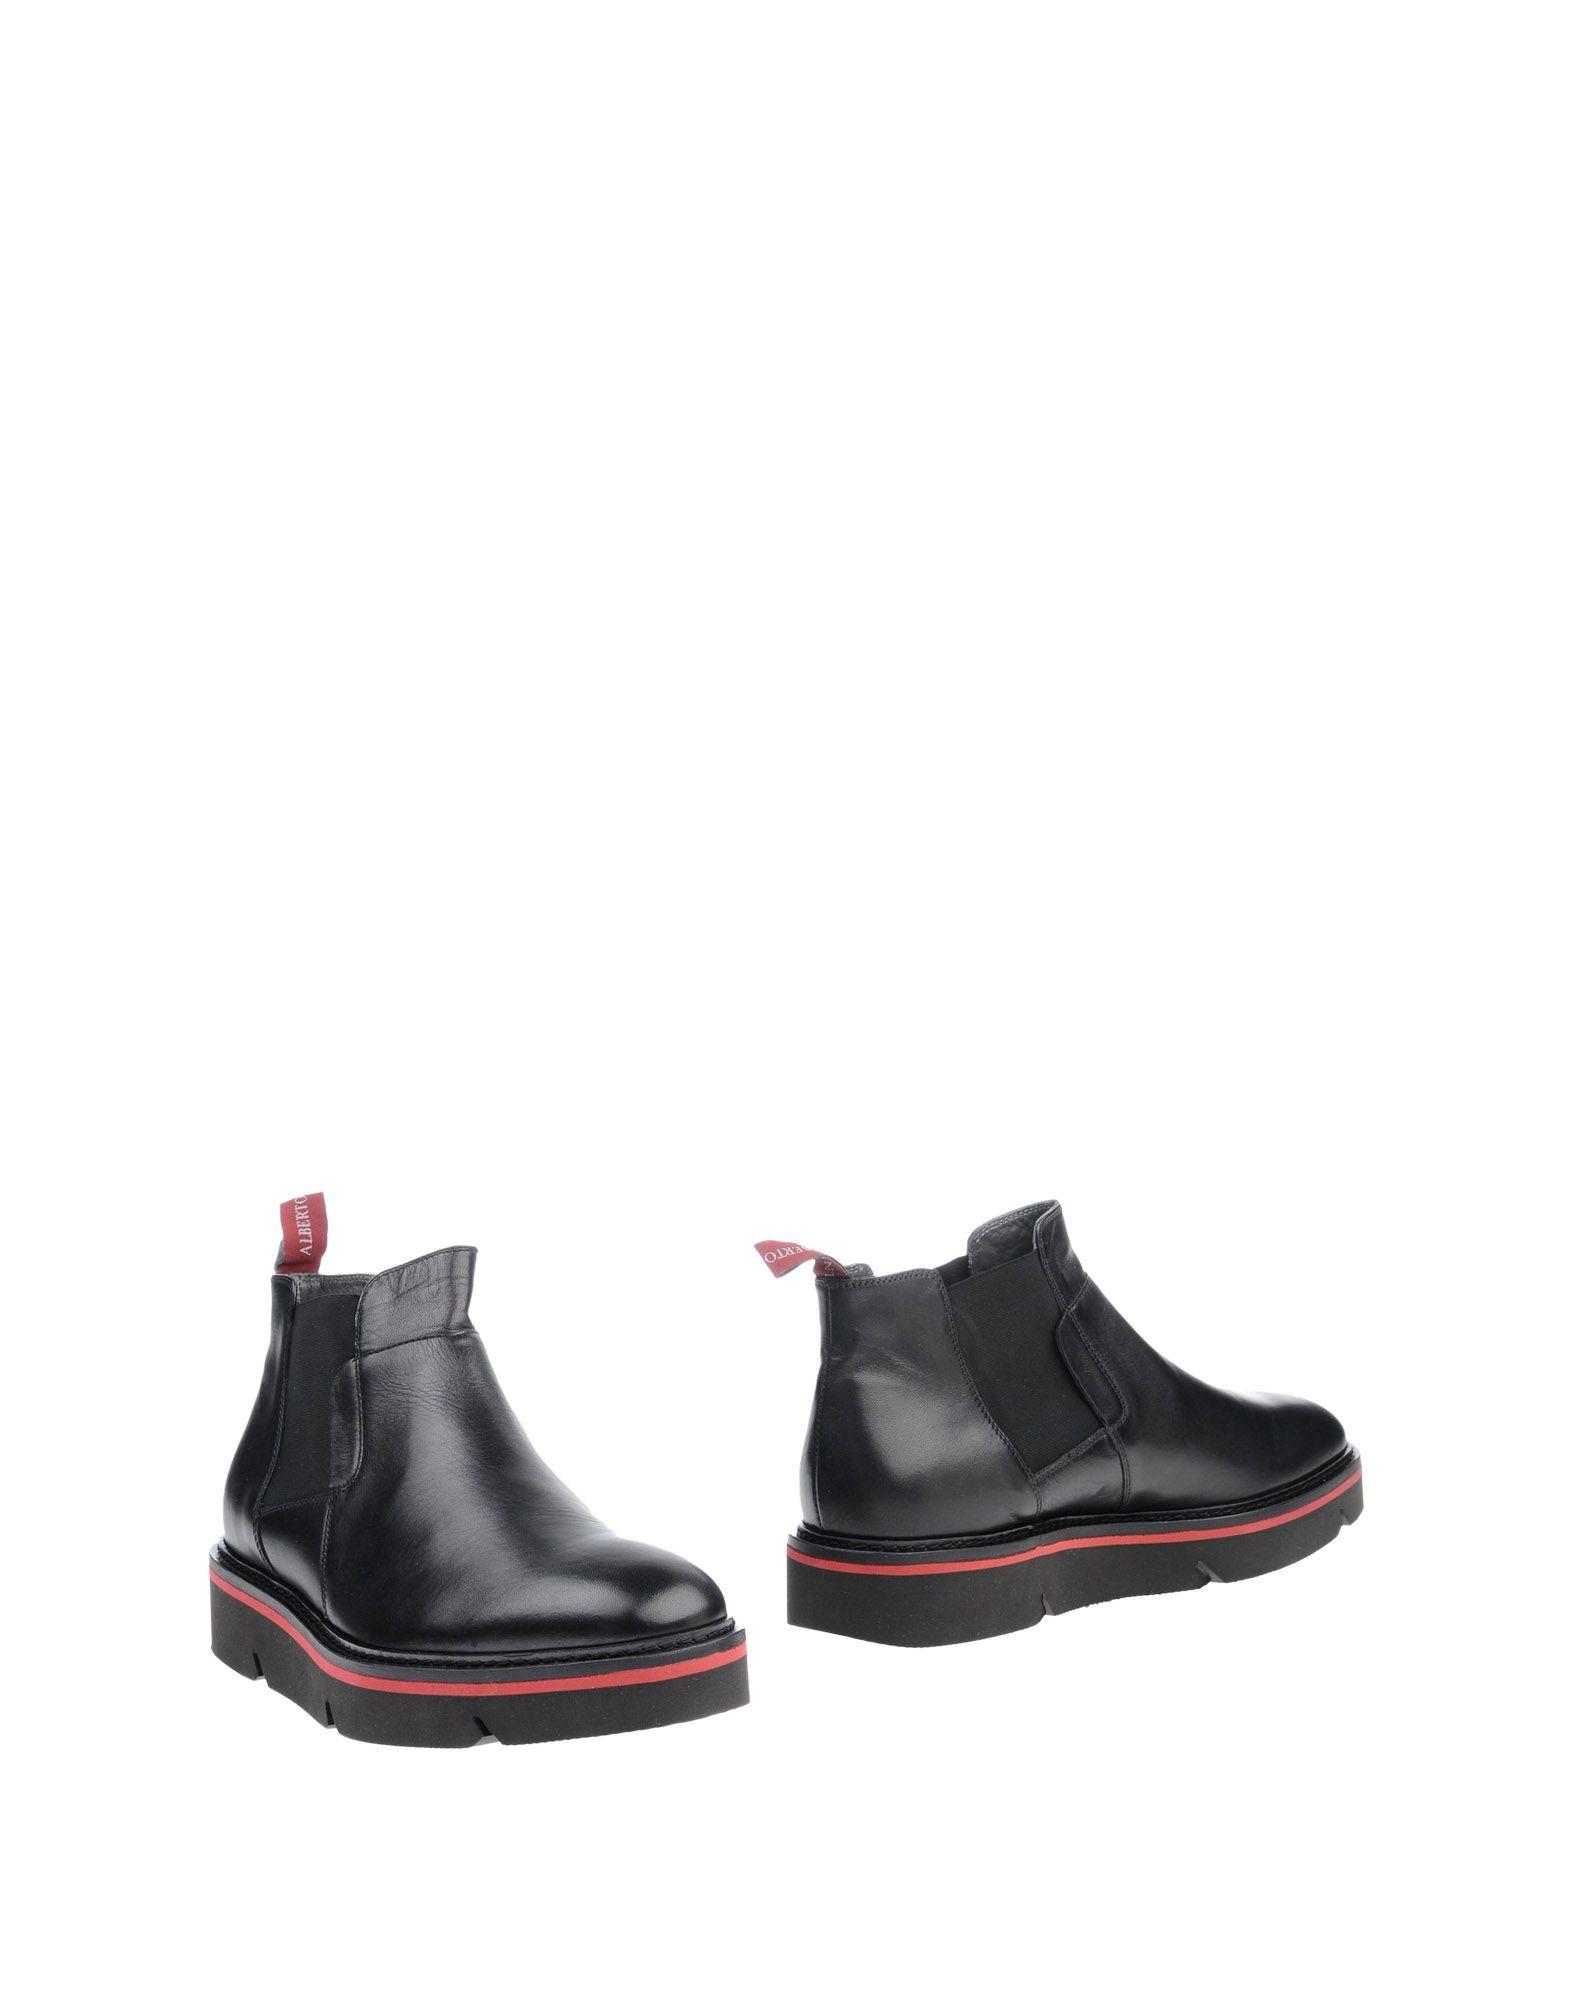 ALBERTO GUARDIANI Полусапоги и высокие ботинки купить футбольную форму челси торрес